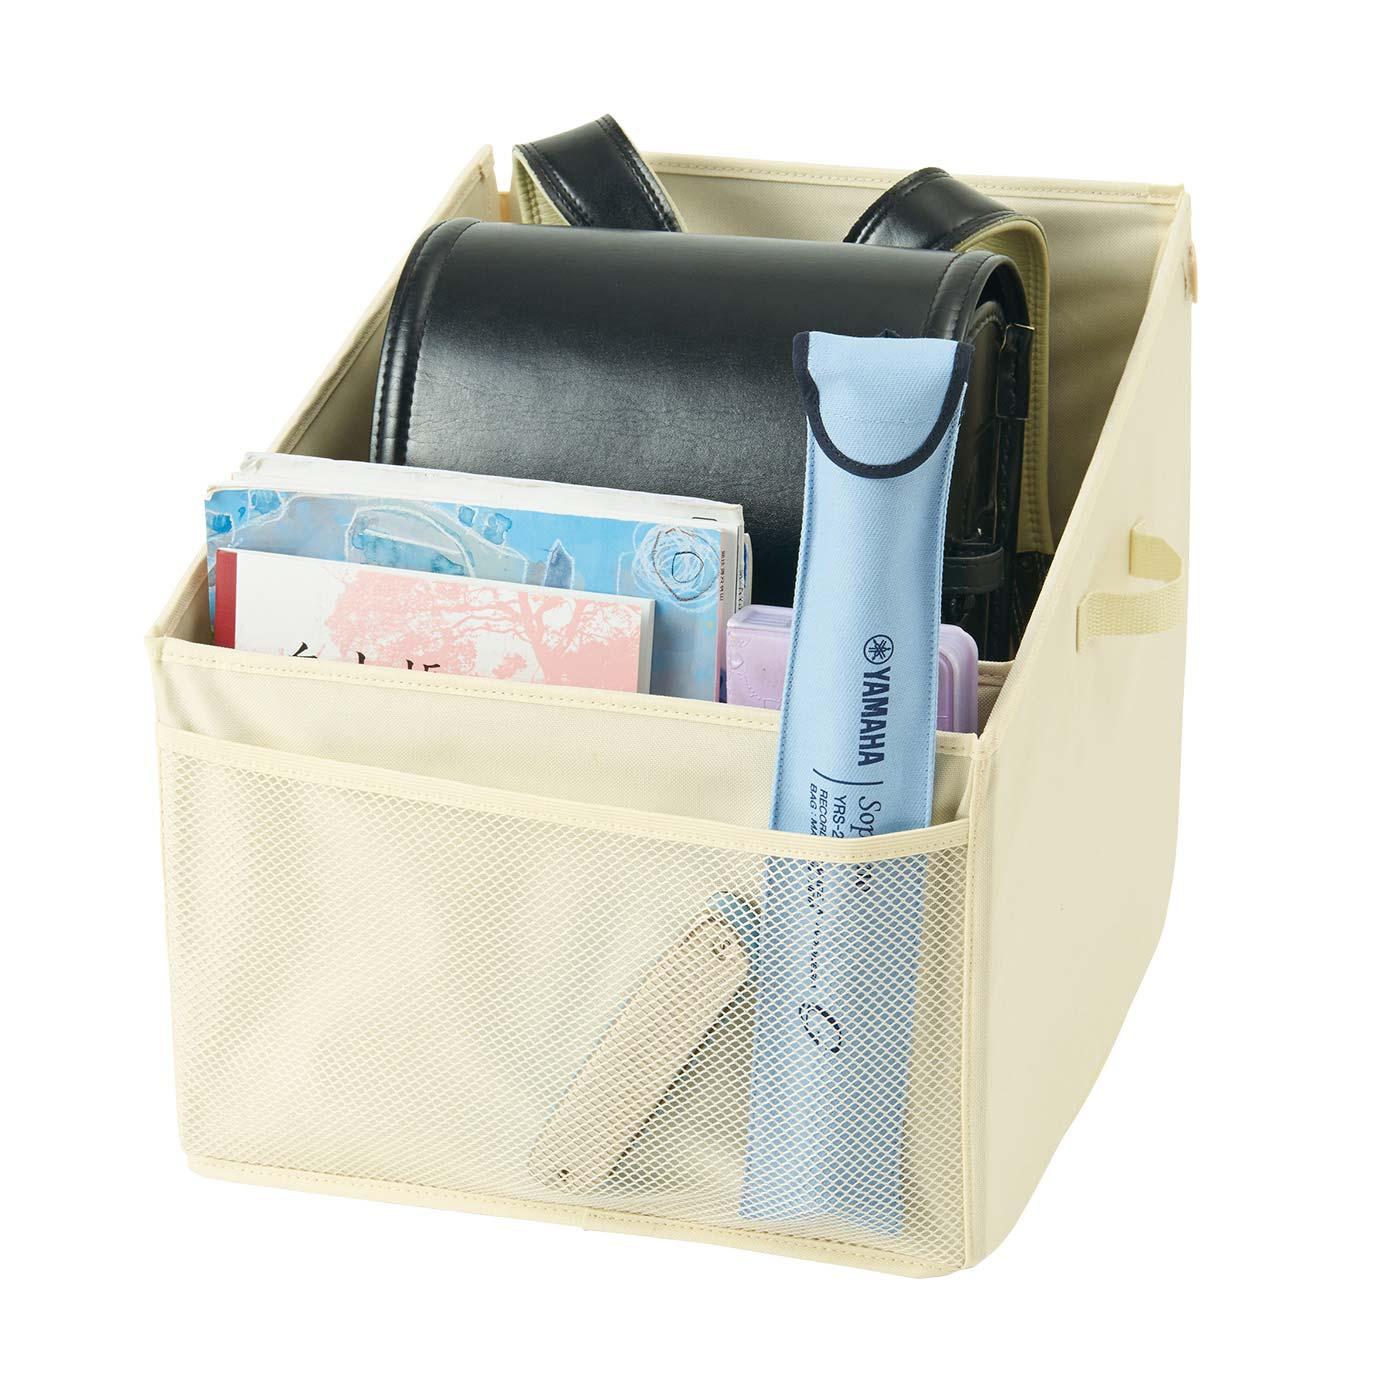 仕切りとメッシュポケットには教科書なども収納できるから、準備もスムーズ。